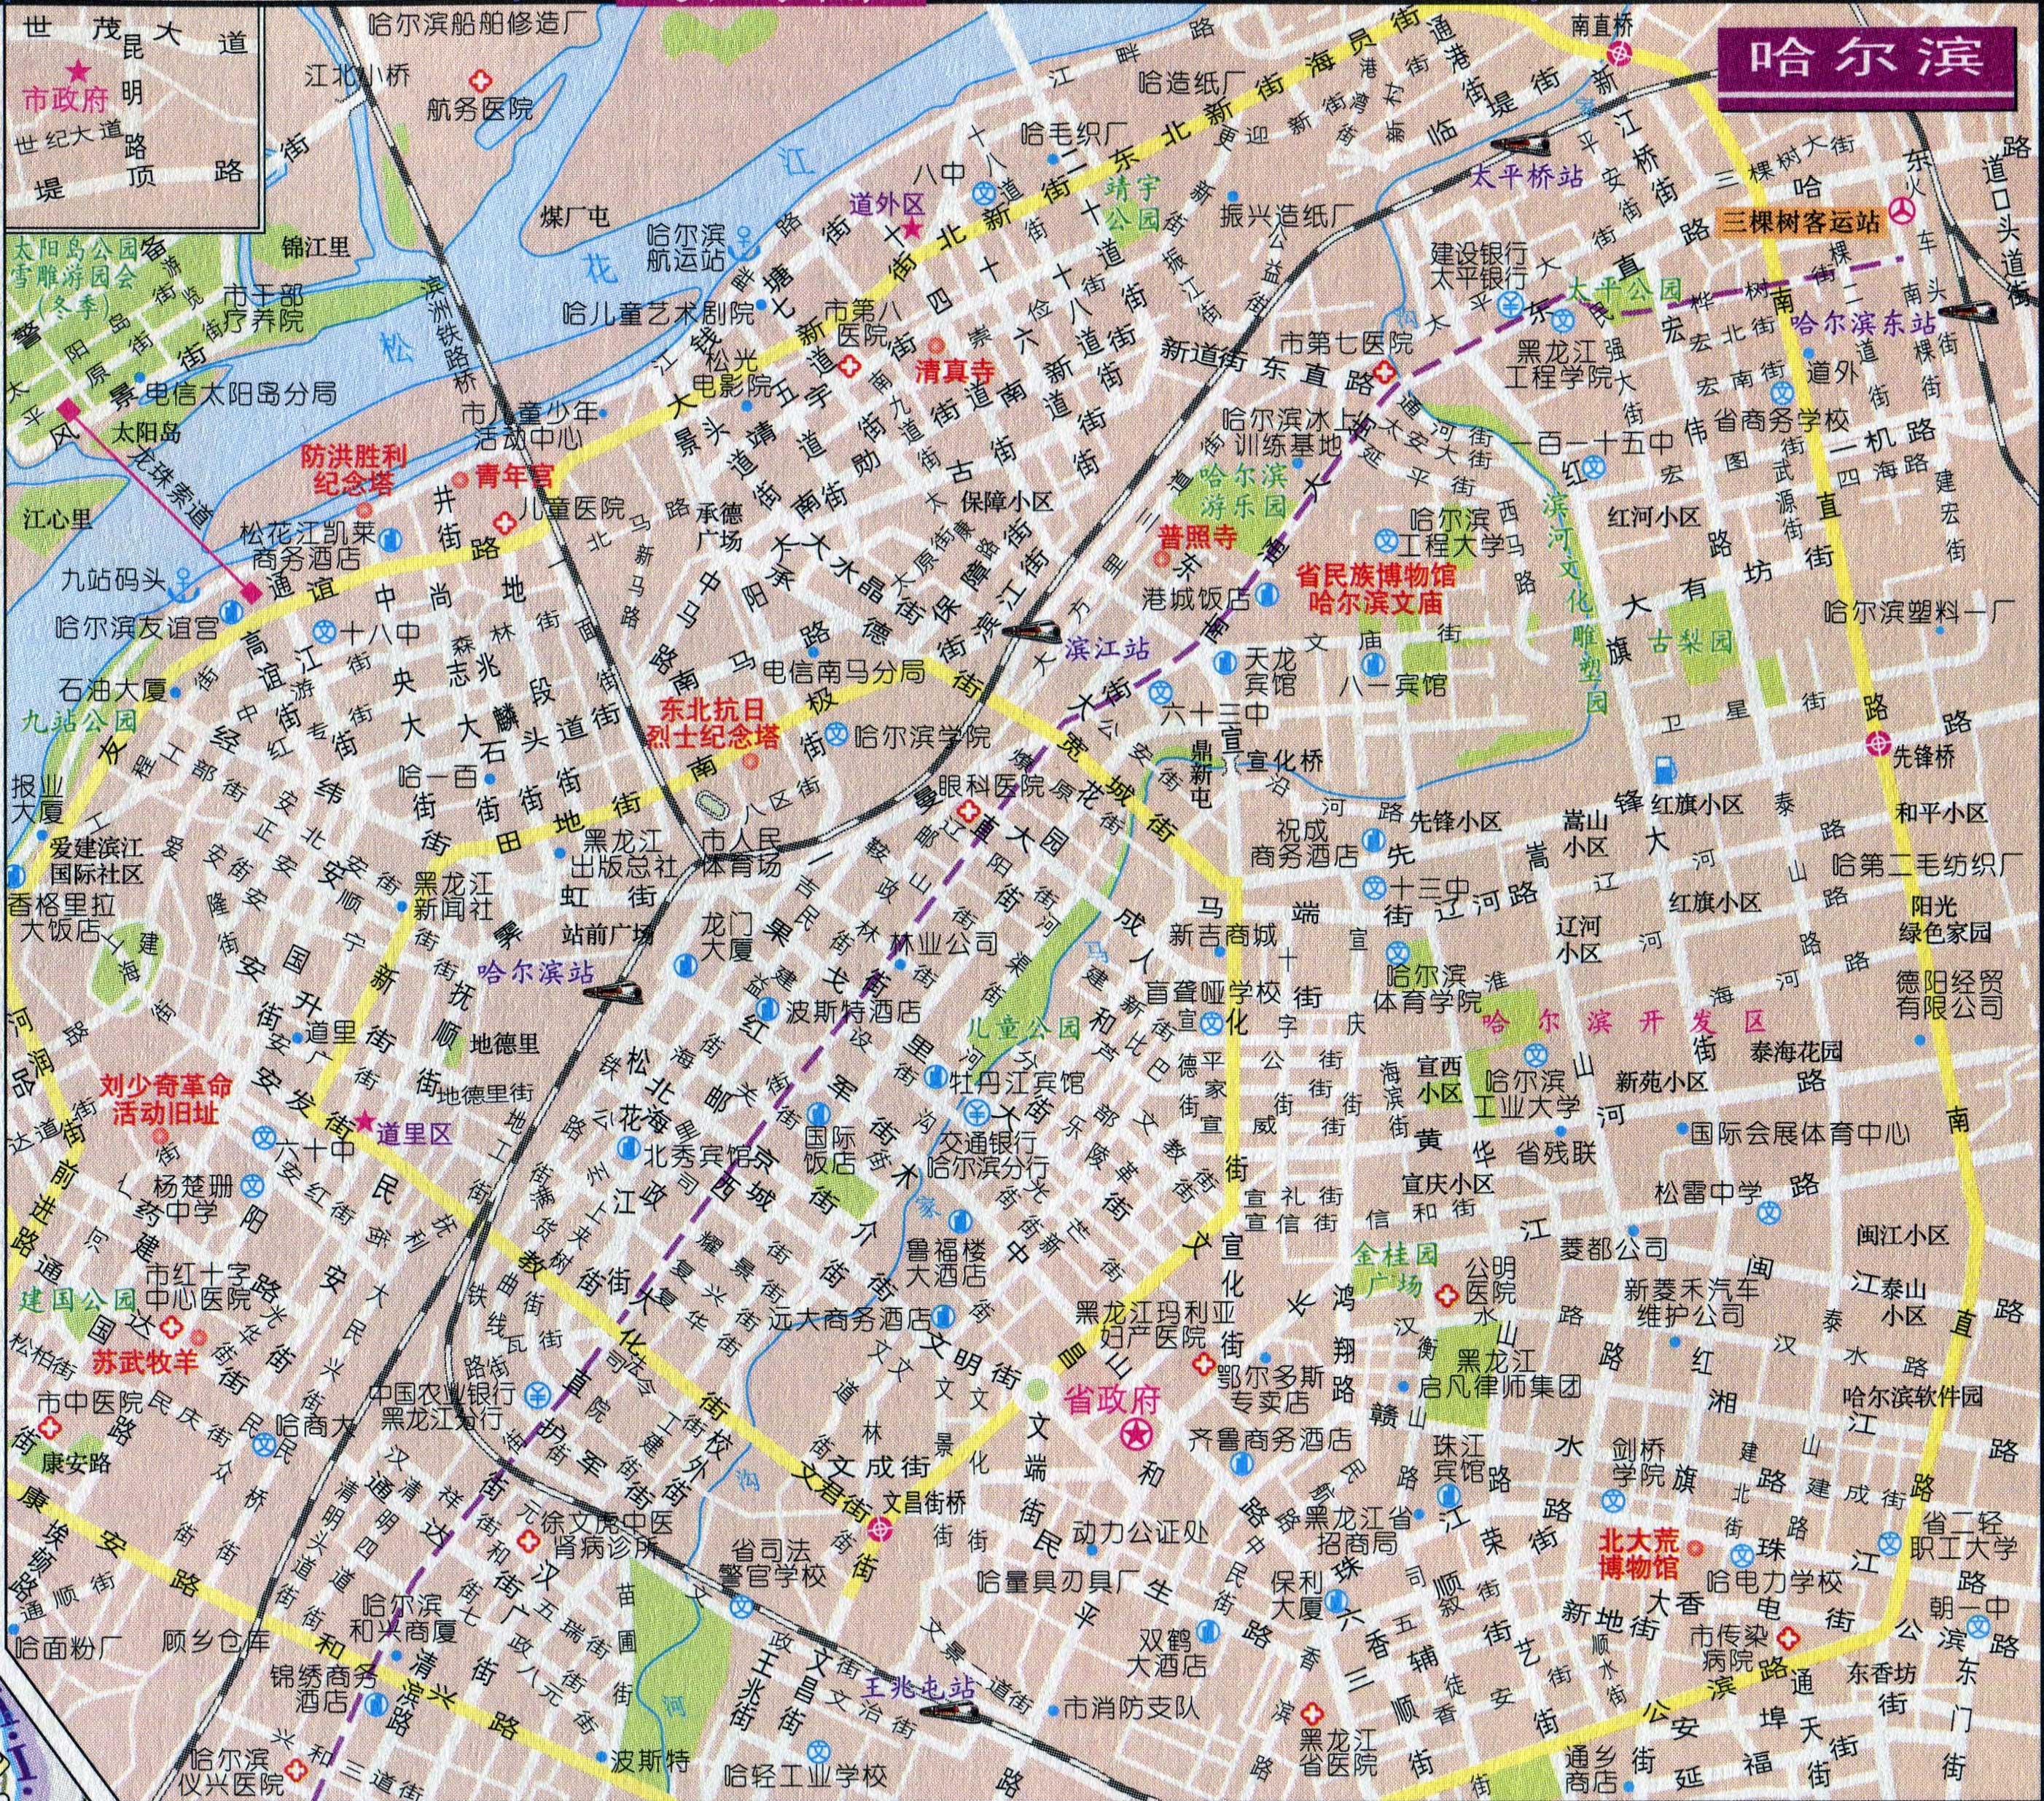 哈尔滨市区中心街道地图图片